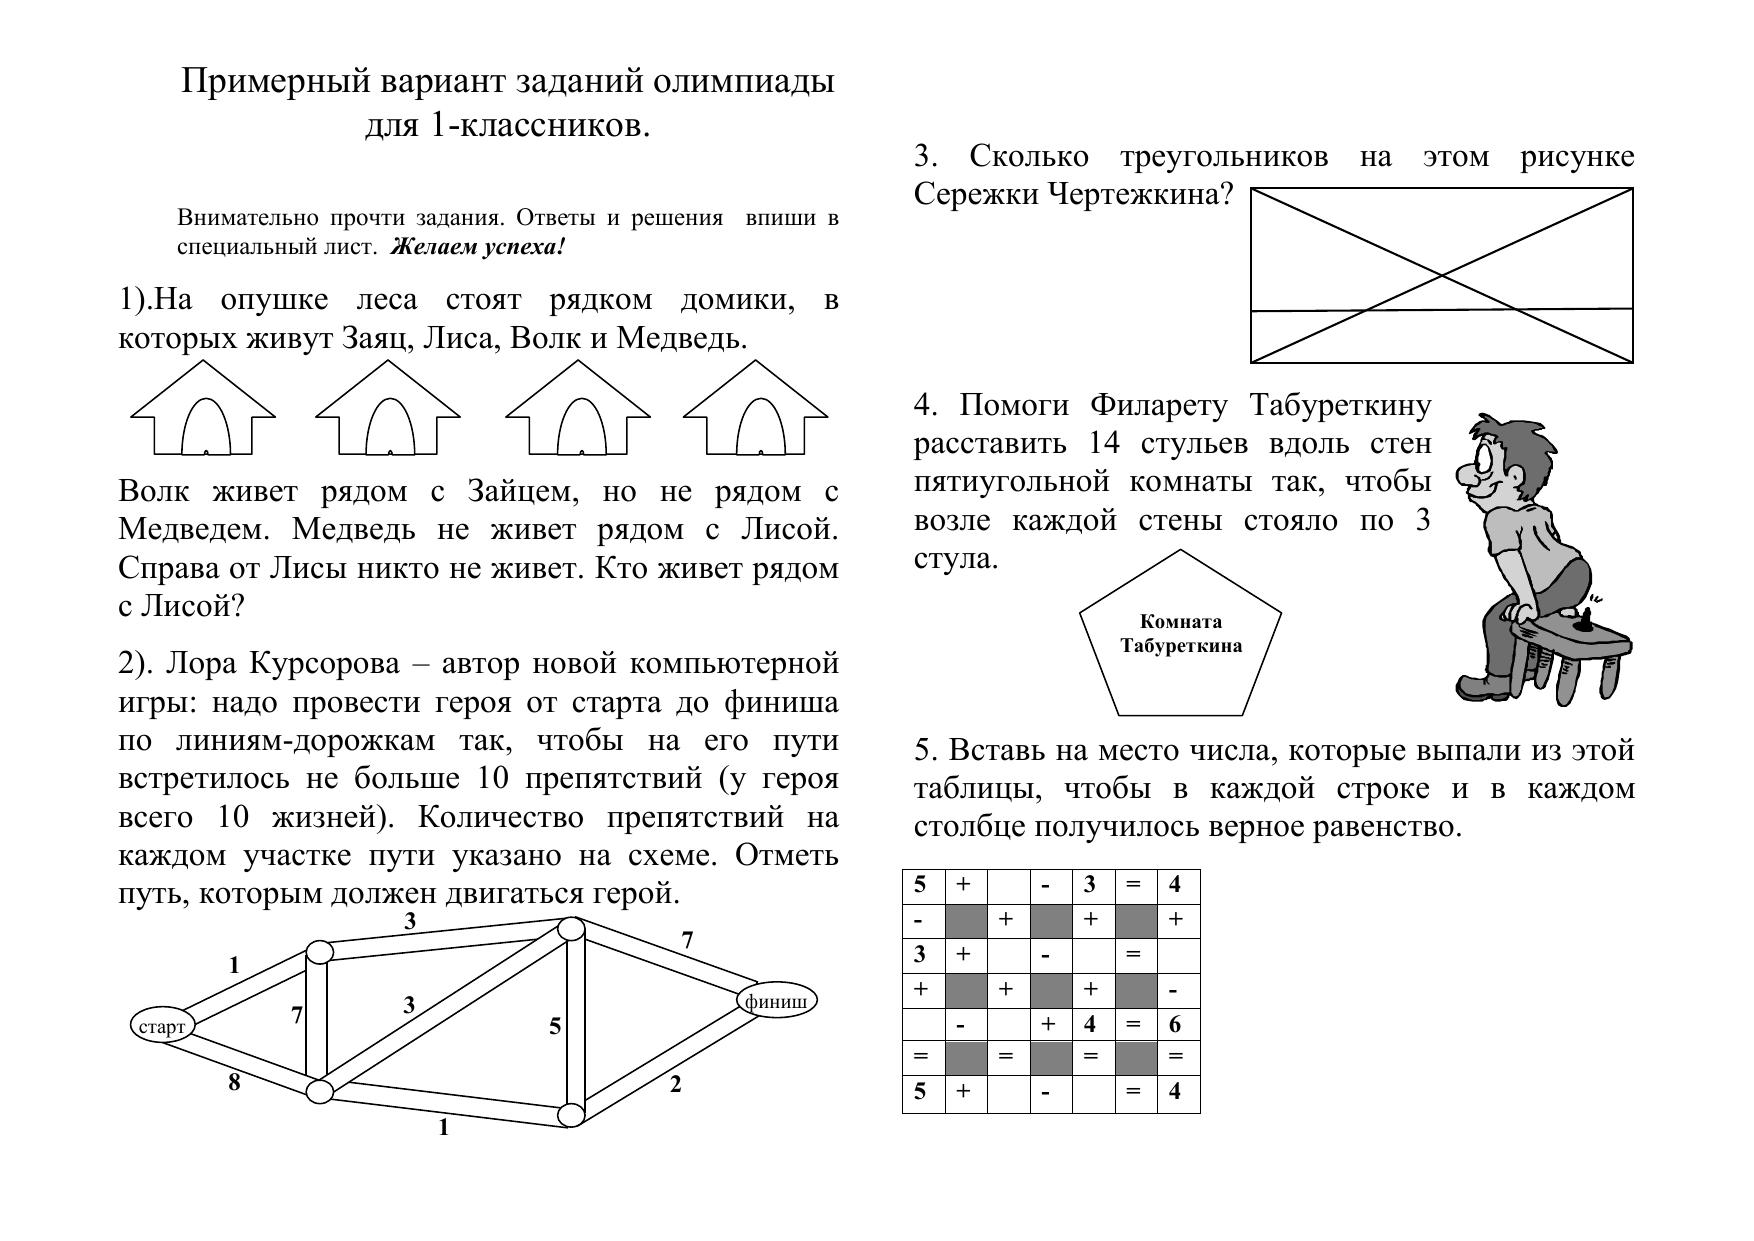 Готовые домашние задания 5 класс информатика турсн бокучава